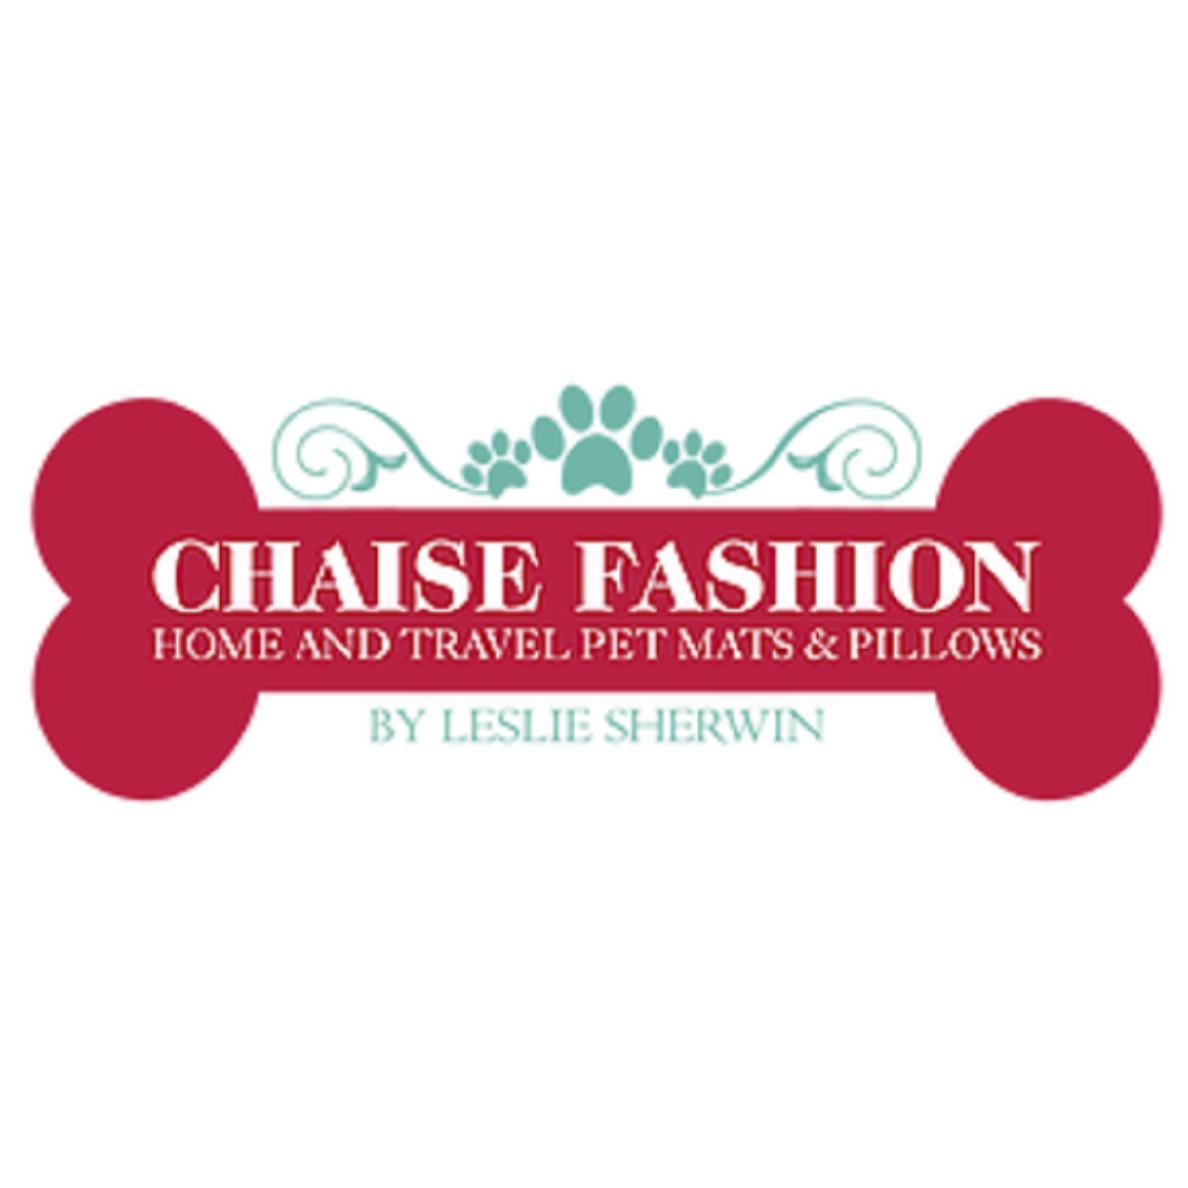 Chaise Fashion